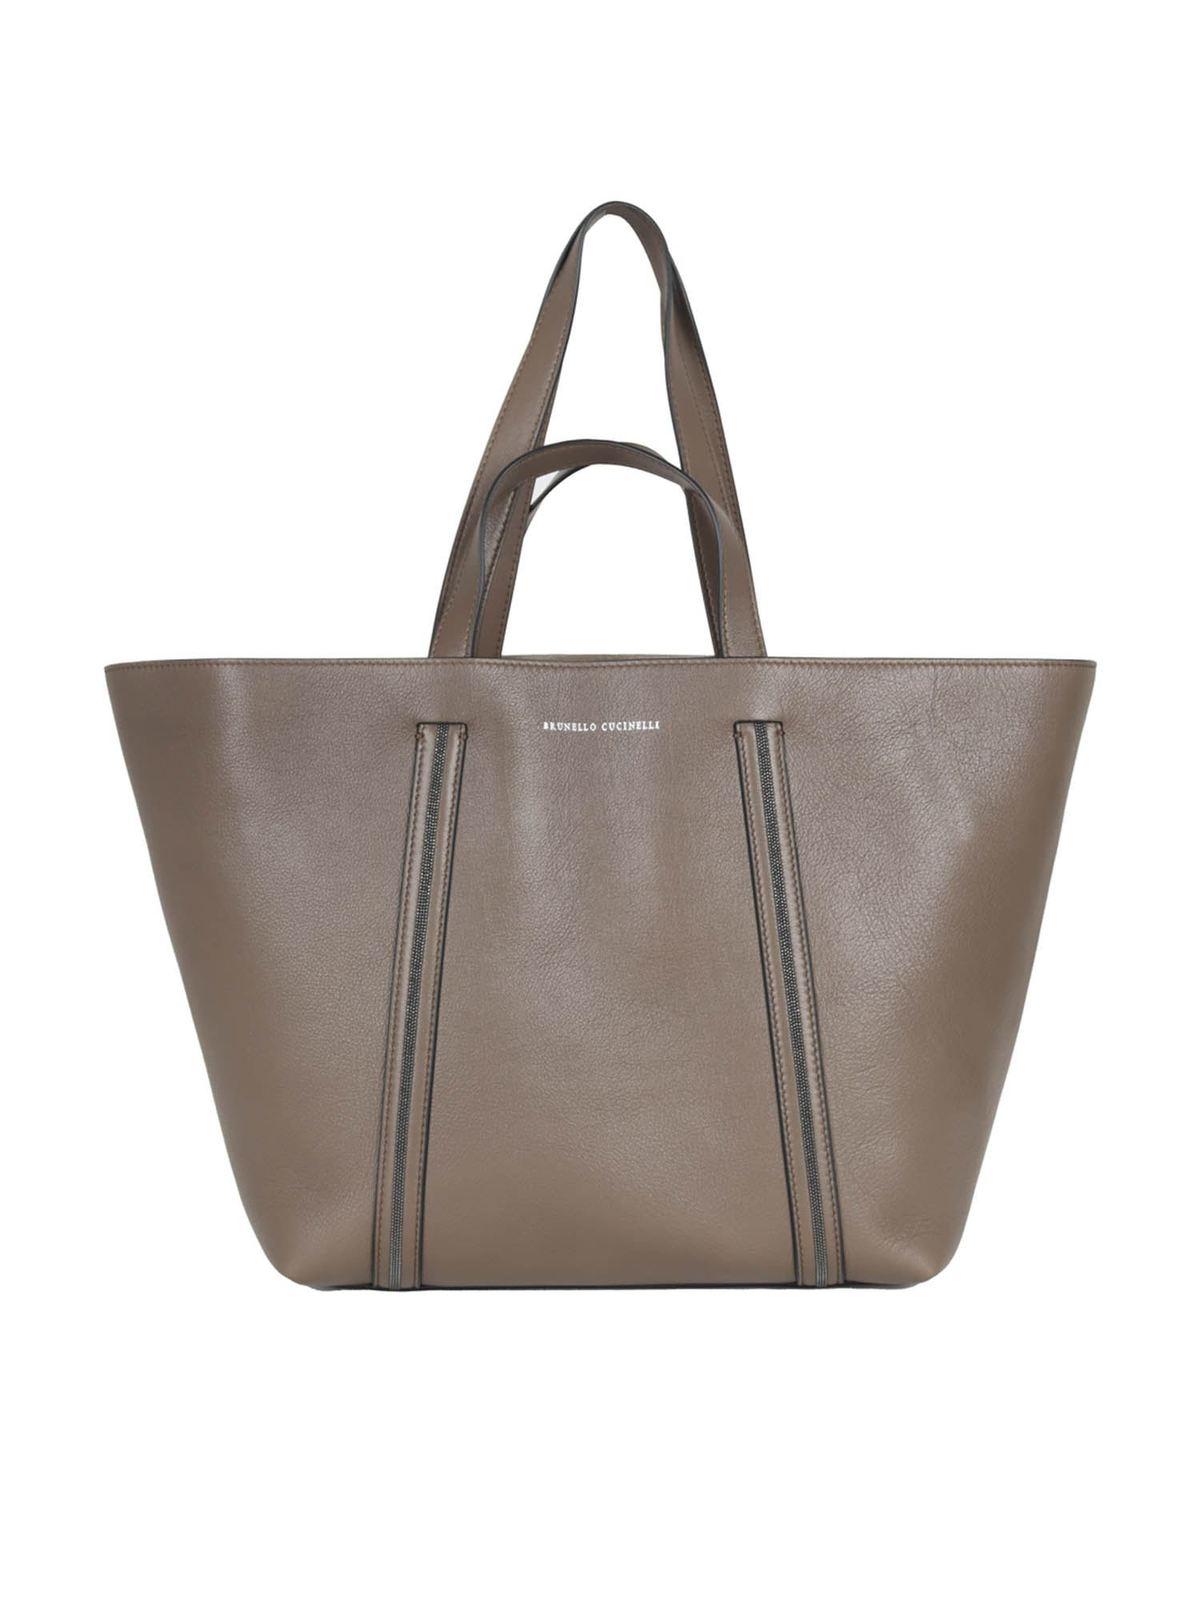 Brunello Cucinelli Monili Detail Tote Bag In Brown